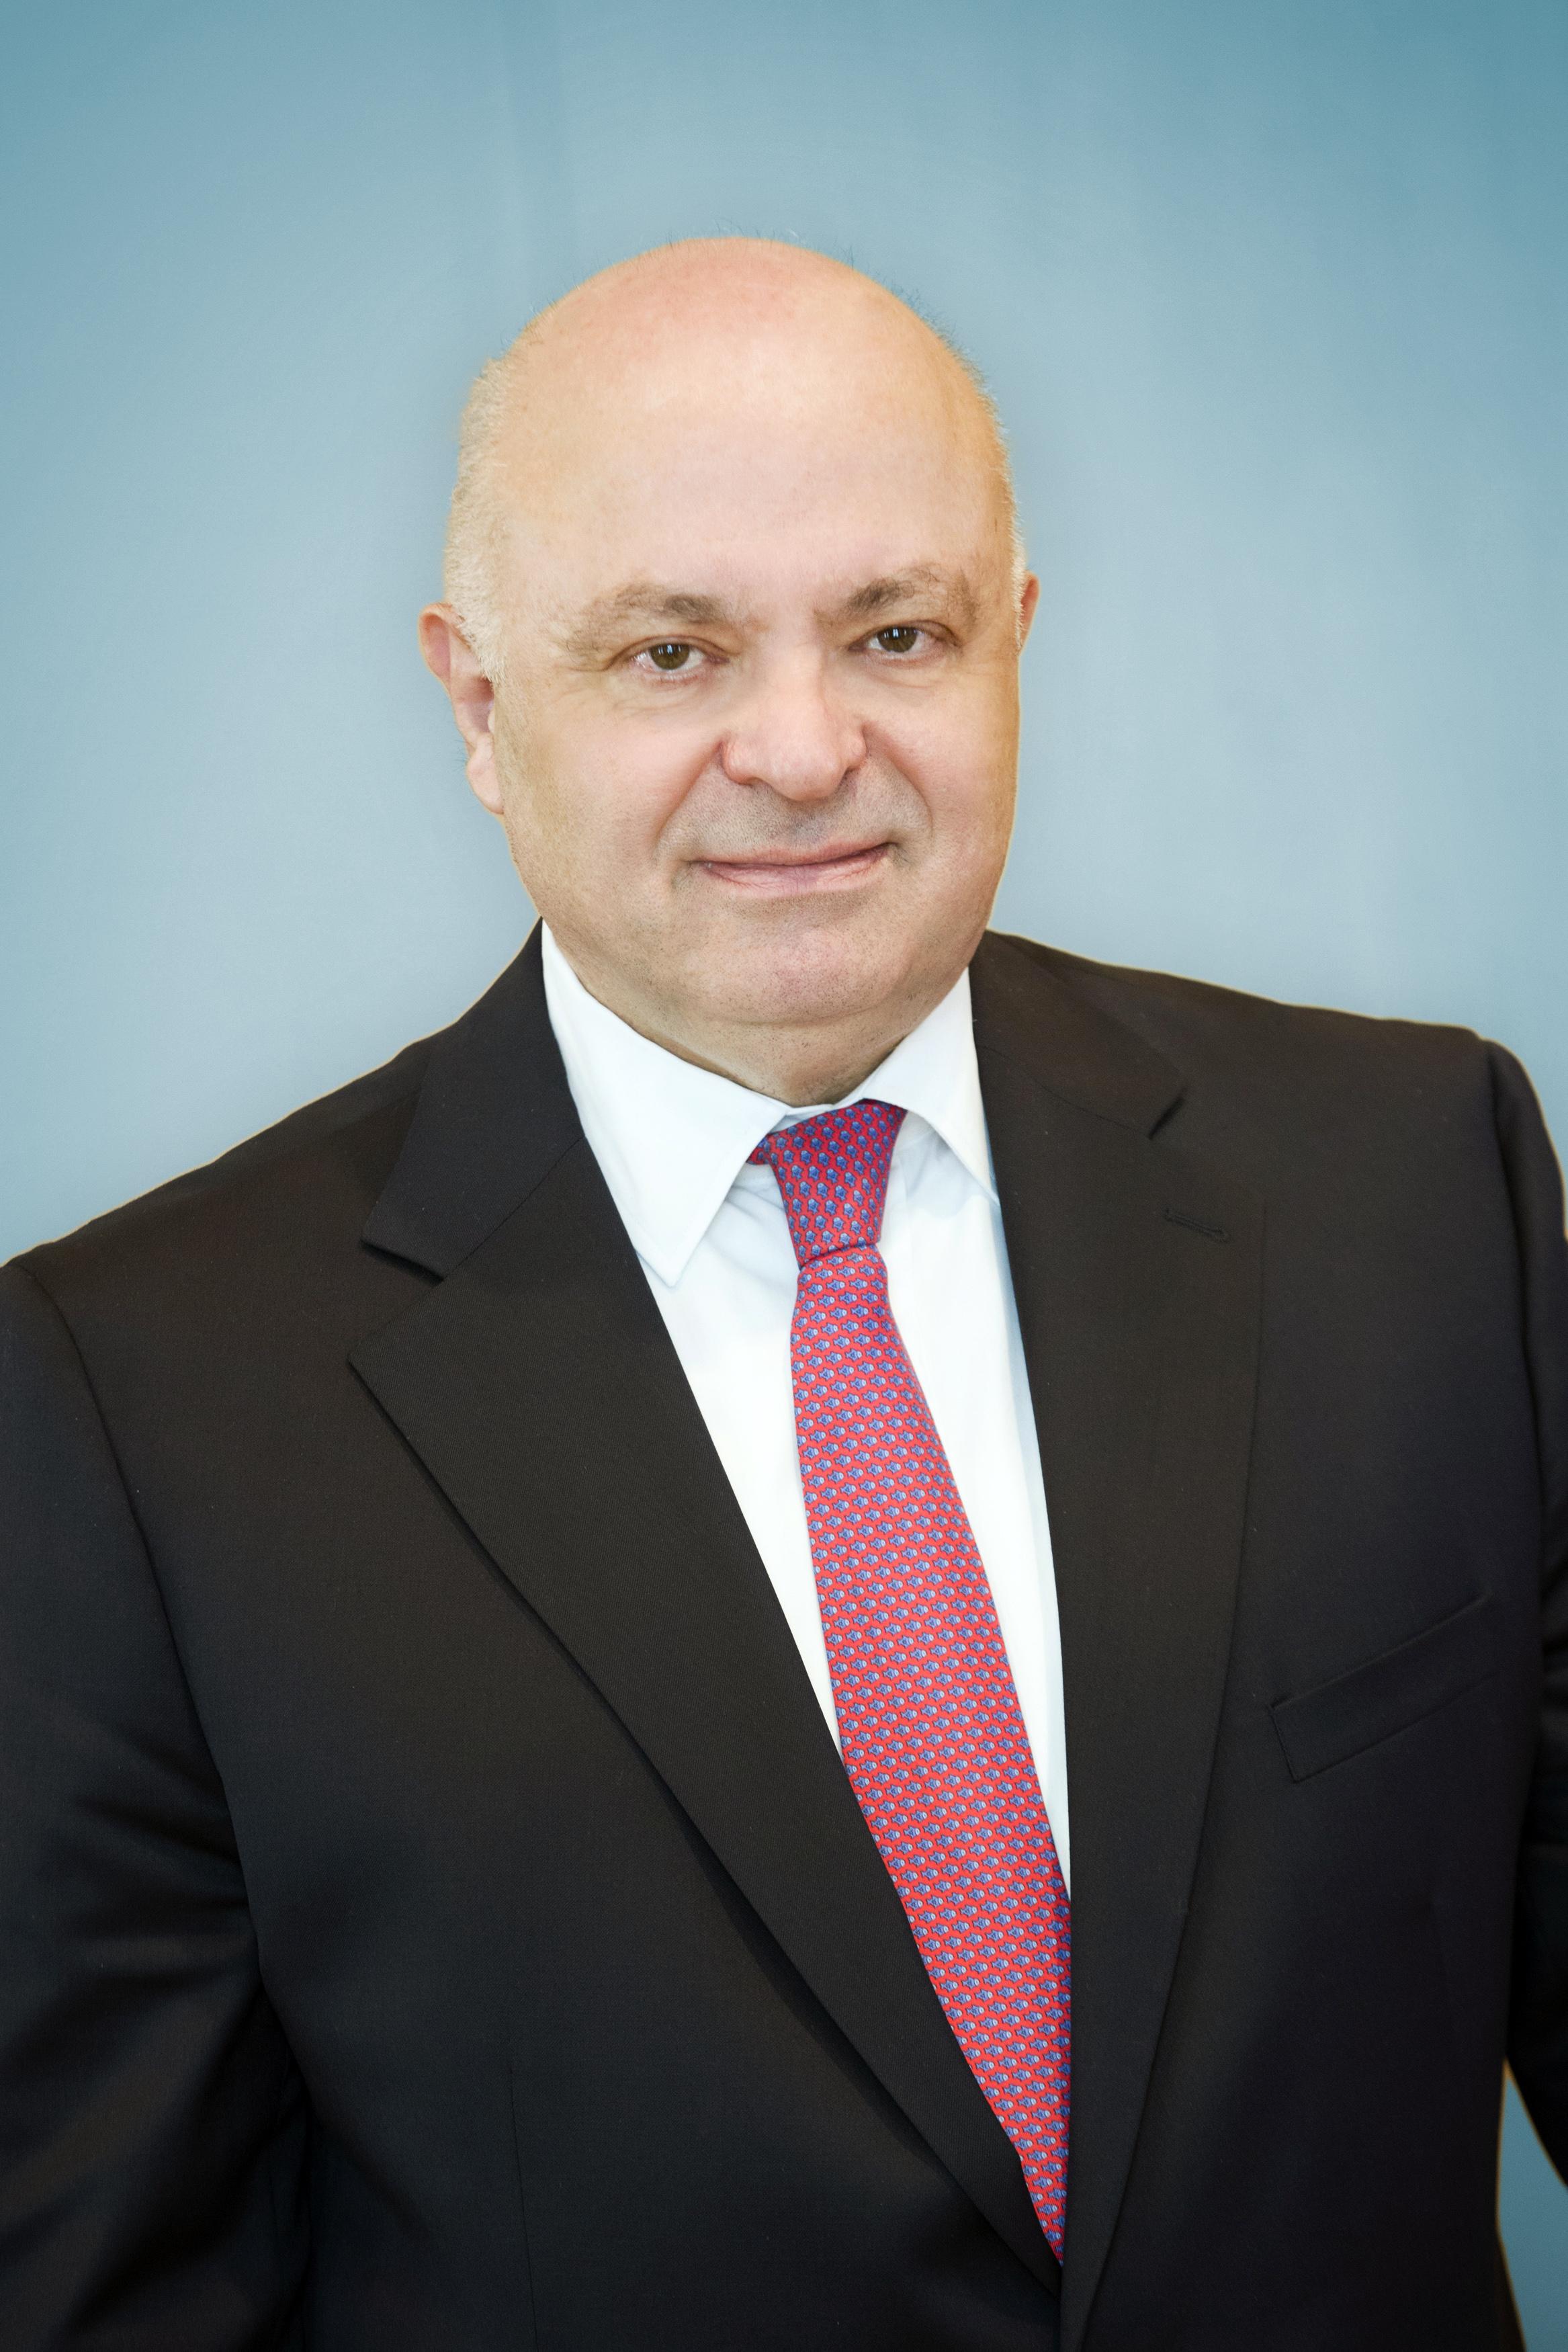 Ο Πρόεδρος του Διοικητικού Συμβουλίου της Eurobank, κ. Γιώργος Ζανιάς